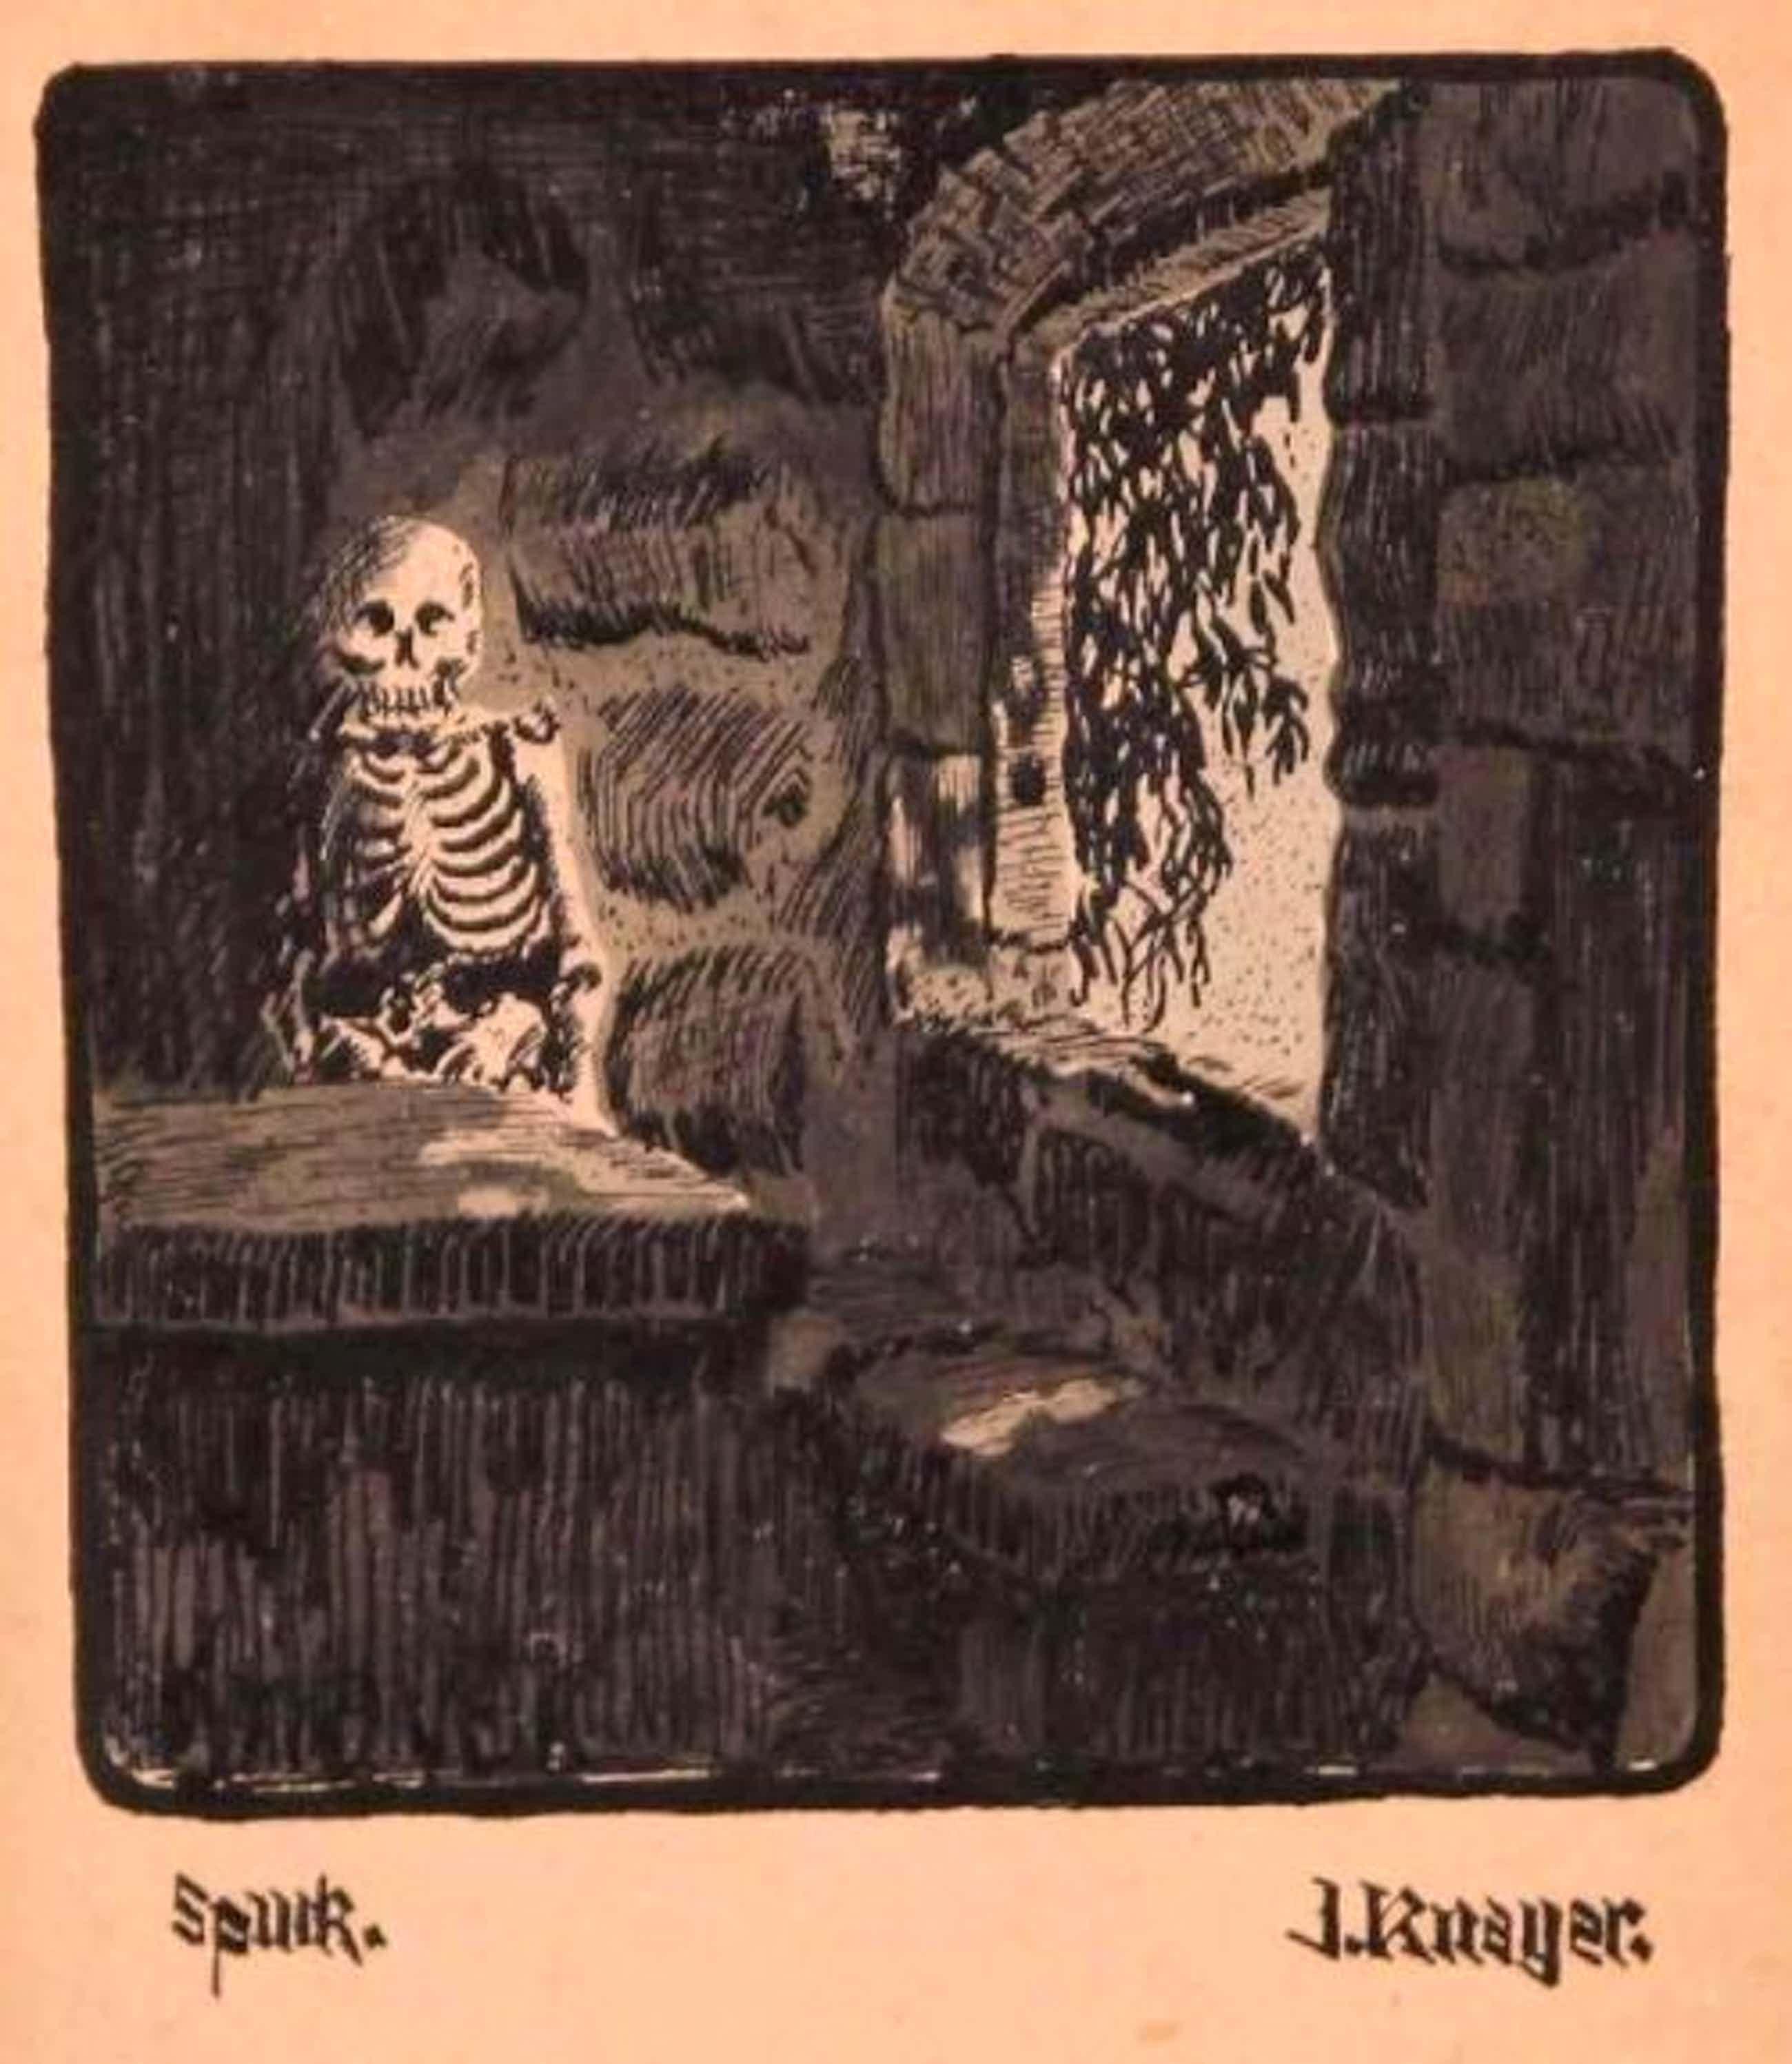 Immanuel Knayer - Tuschezeichnung auf Postkarte kopen? Bied vanaf 485!